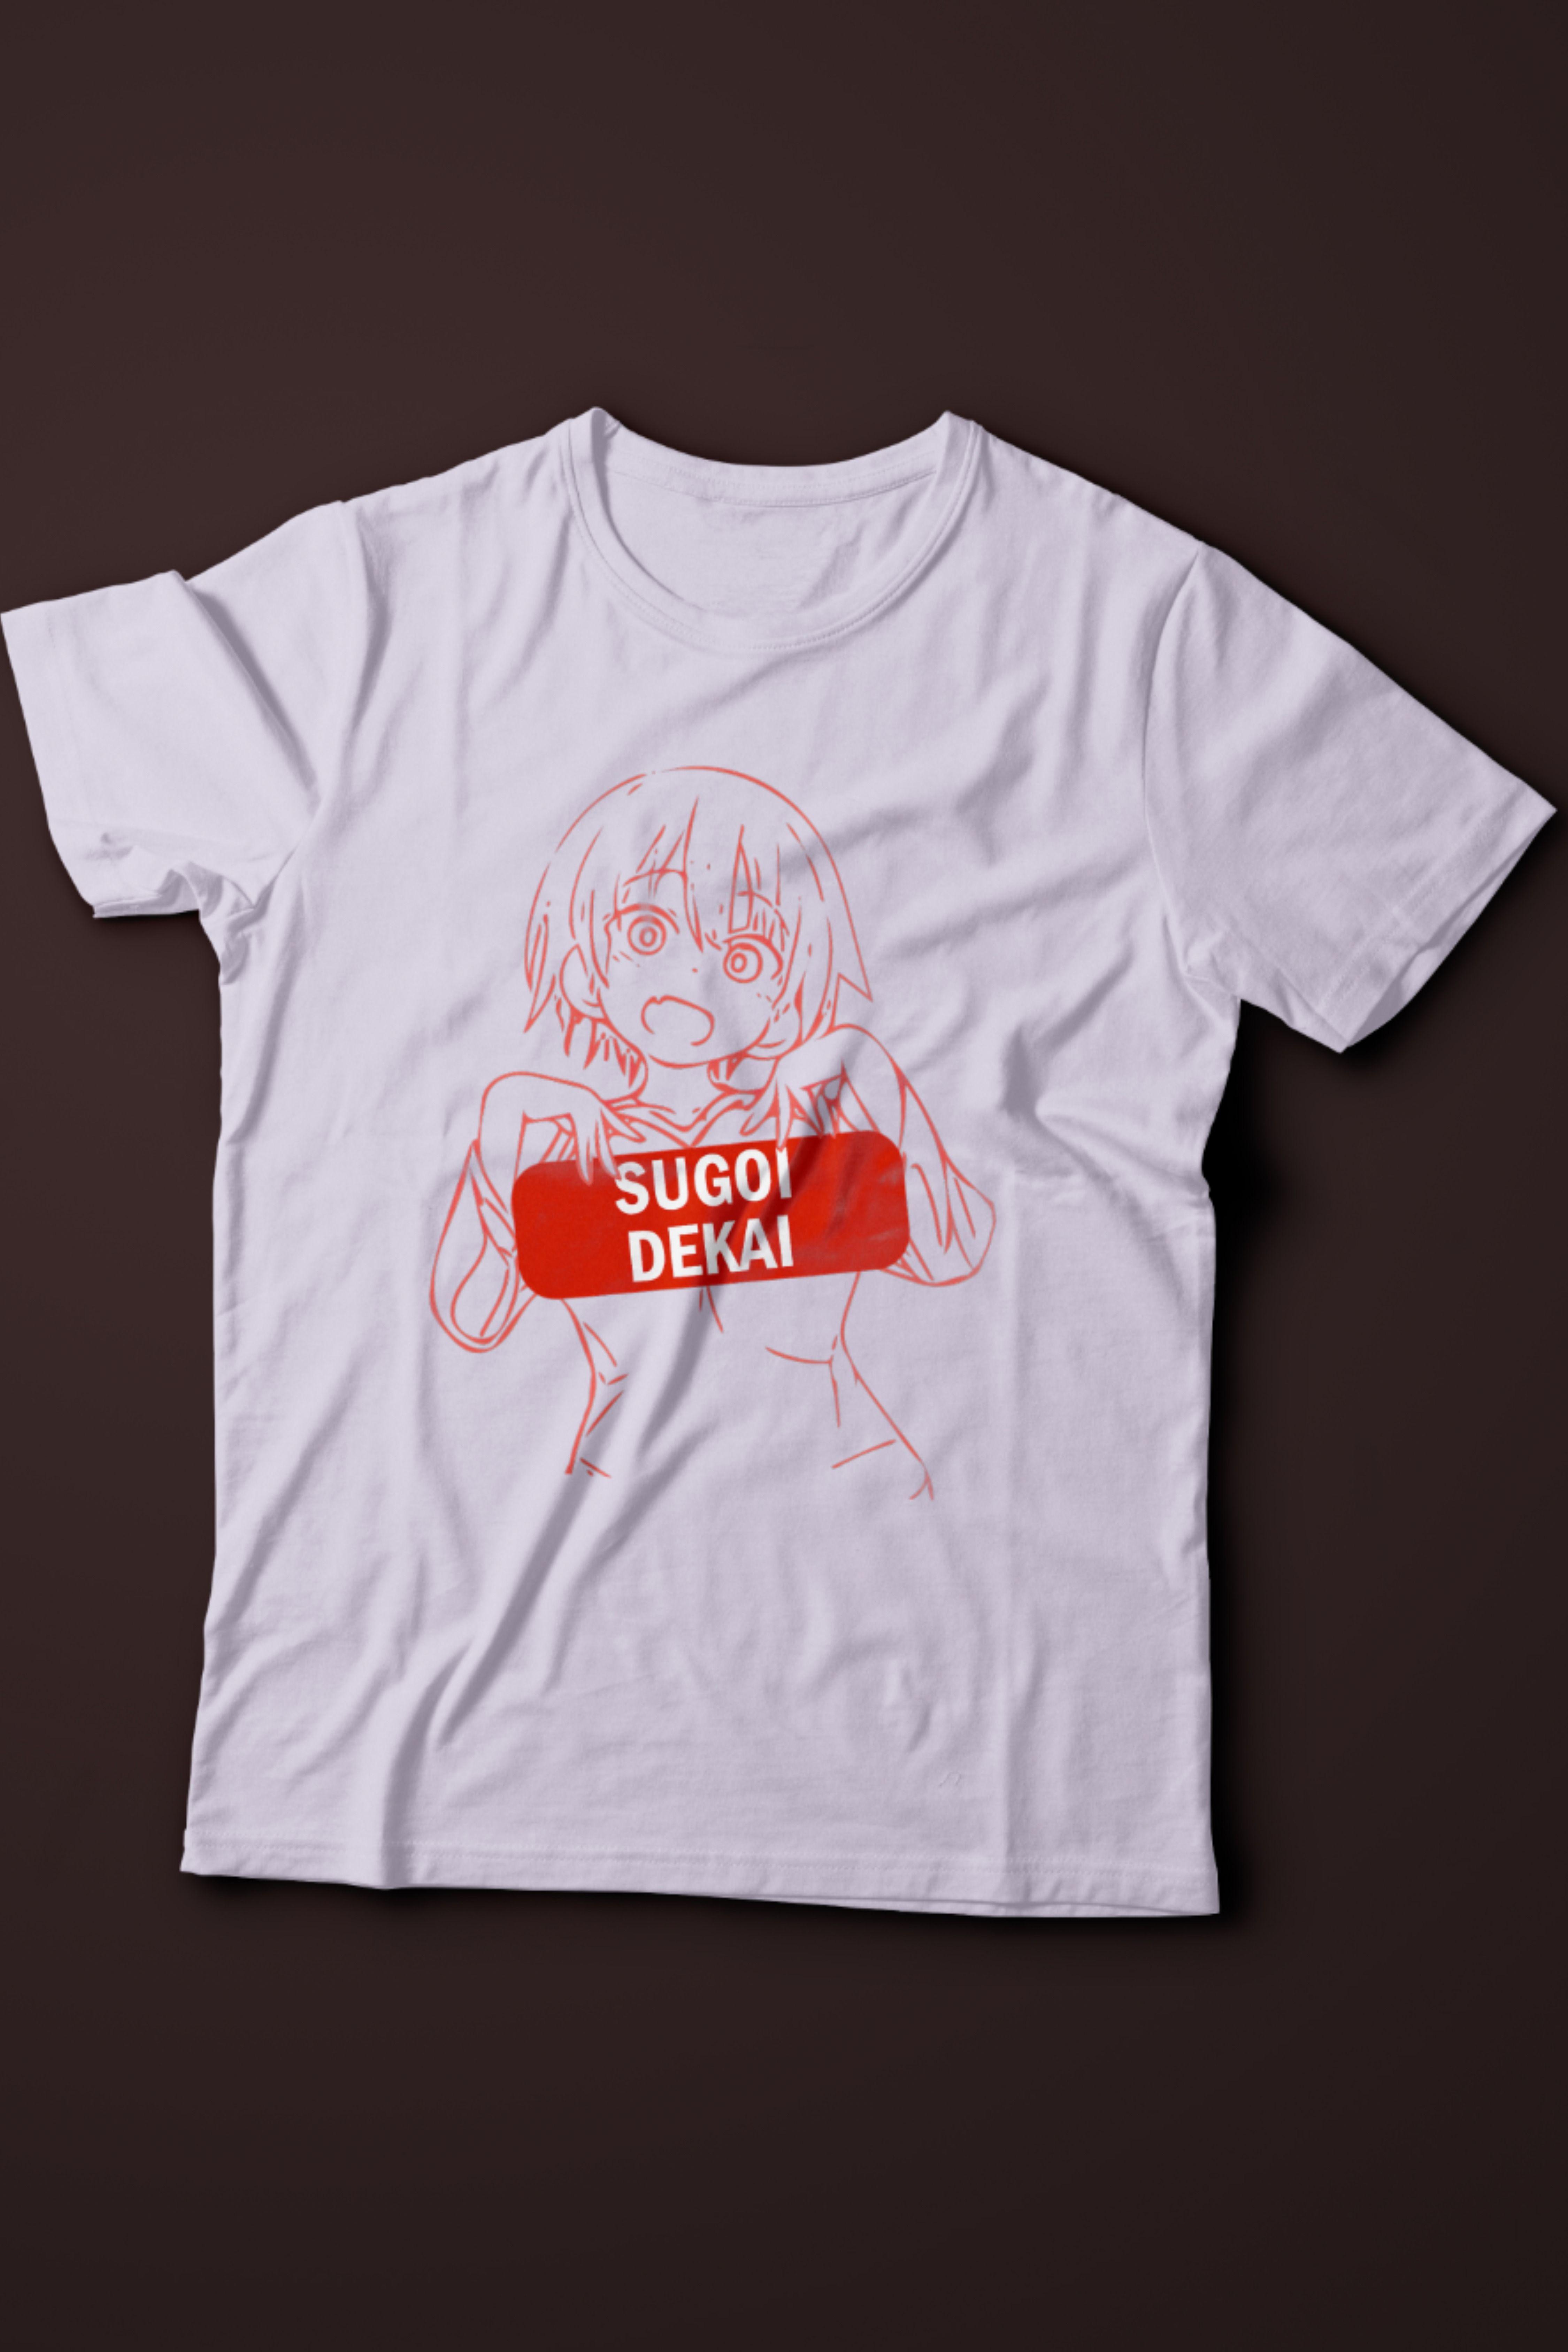 Sugoi Dekai Anime TShirt from Uzakichan Wants to Hang